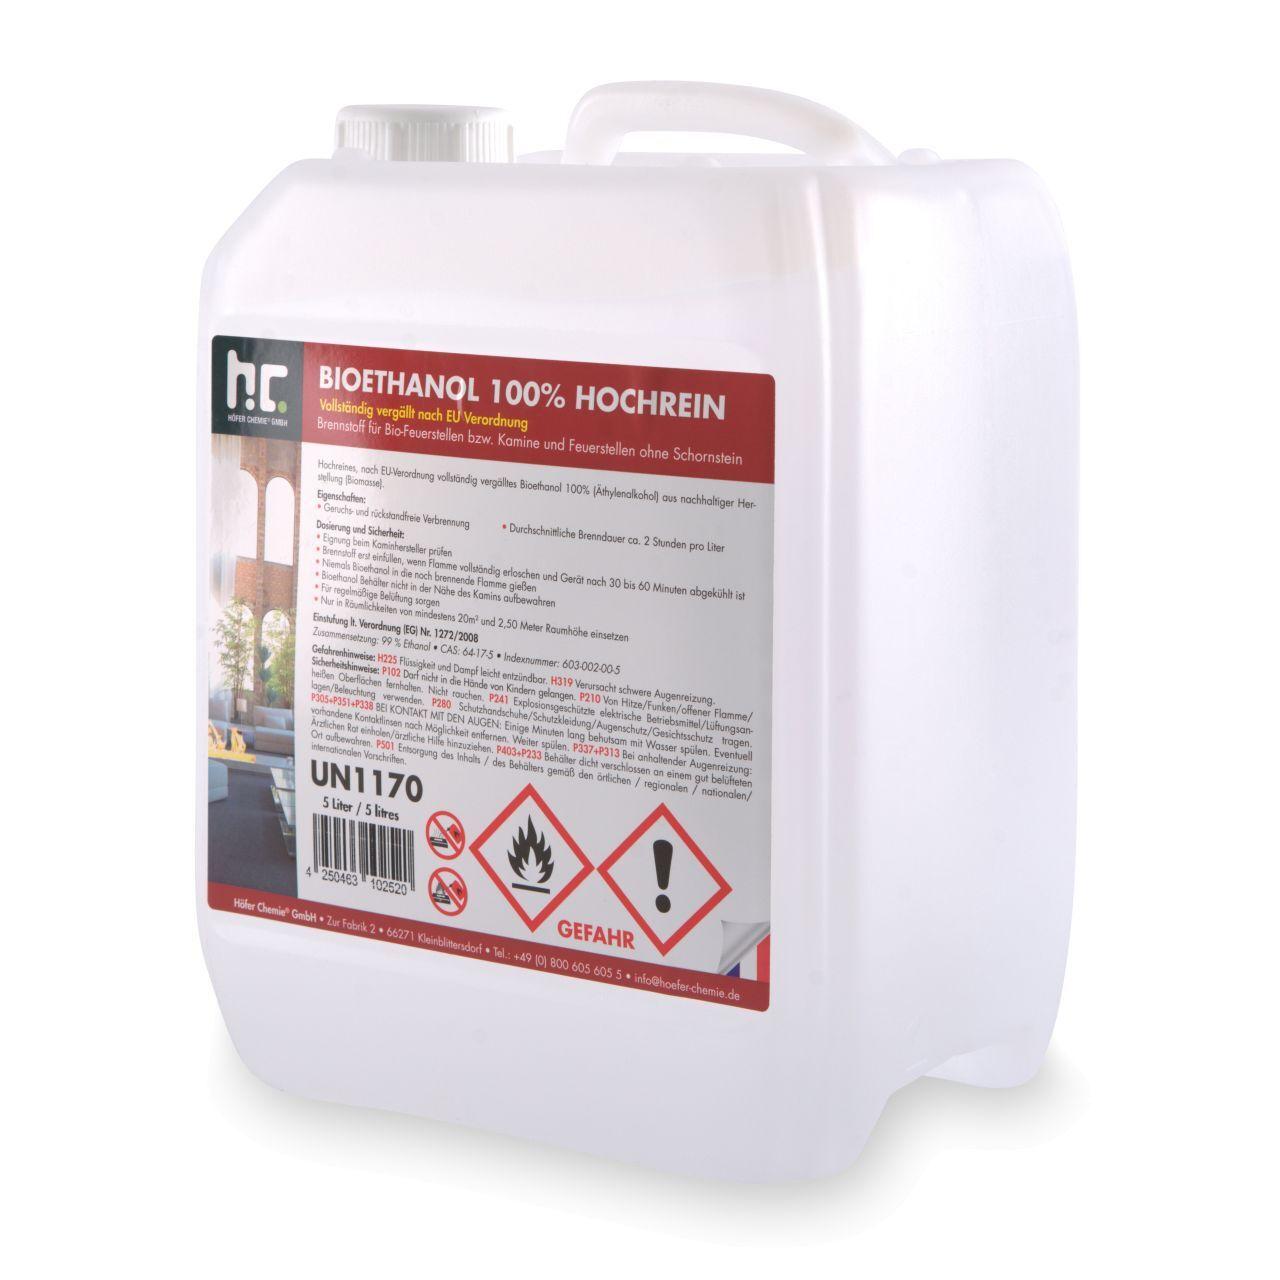 Höfer Chemie 5 l Bioéthanol à 100 % dénaturé en bidon de 5 litres (1 x 5 l)